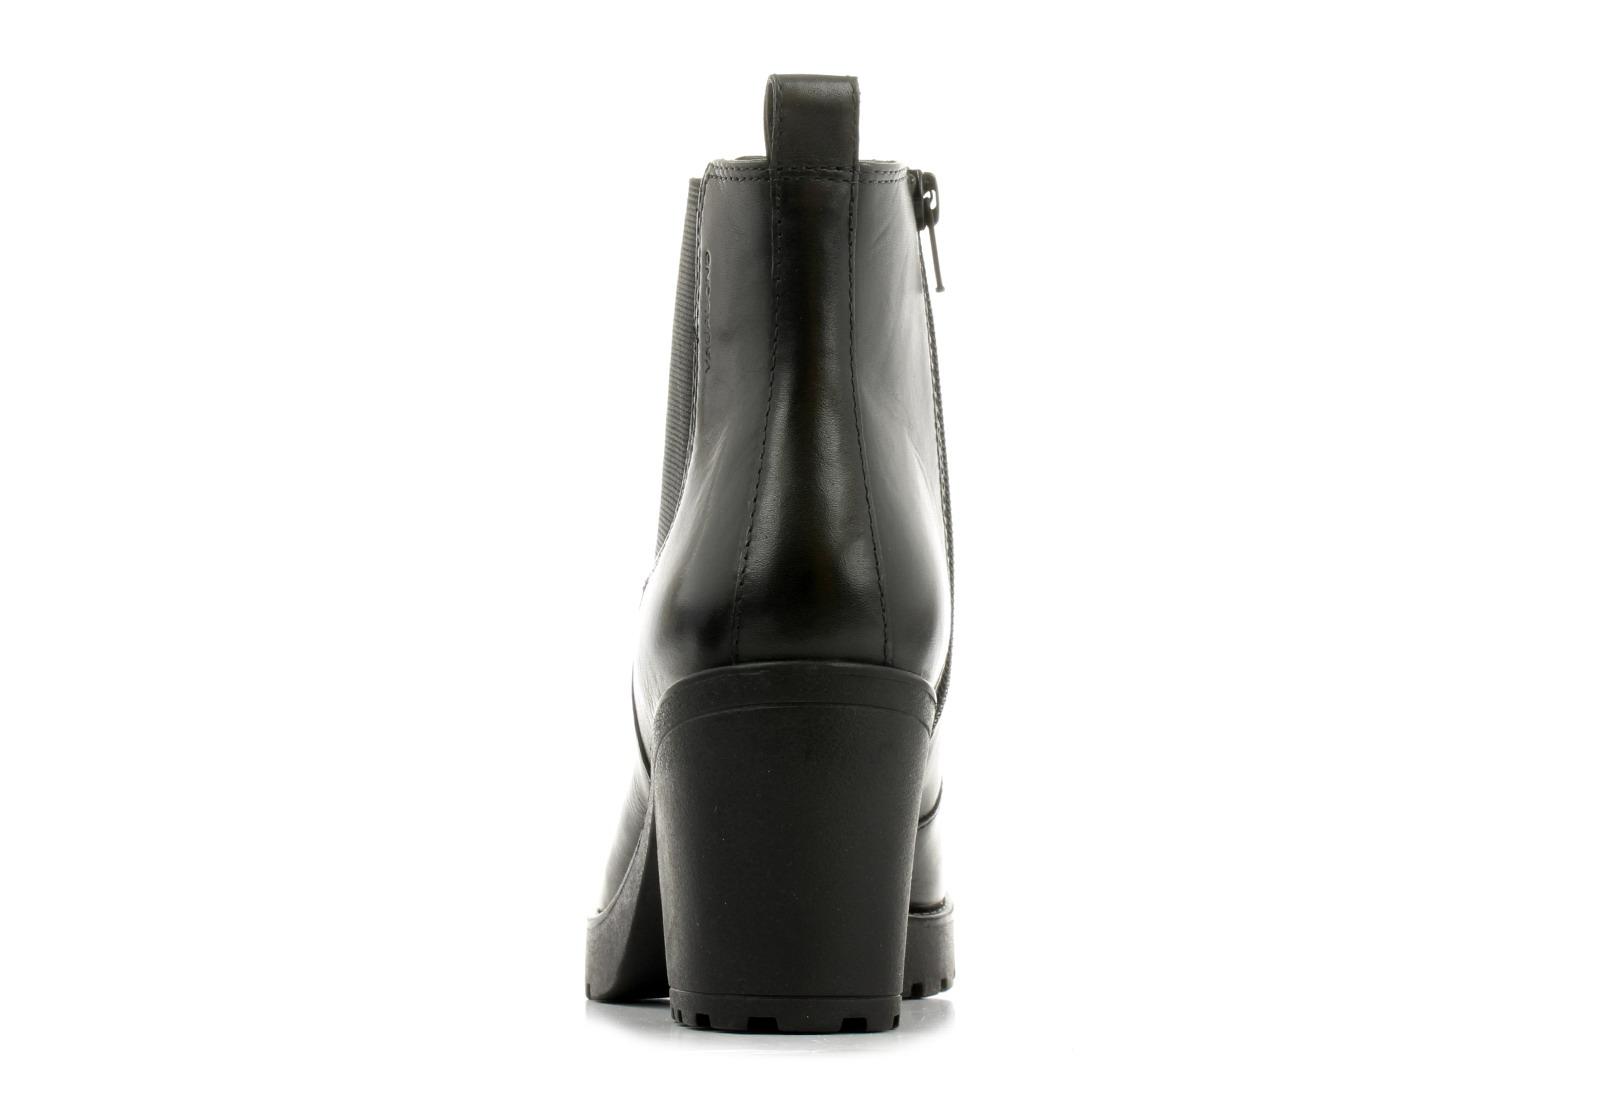 Vagabond Csizma - Grace - 4228-101-20 - Office Shoes Magyarország 9733cf4c4c